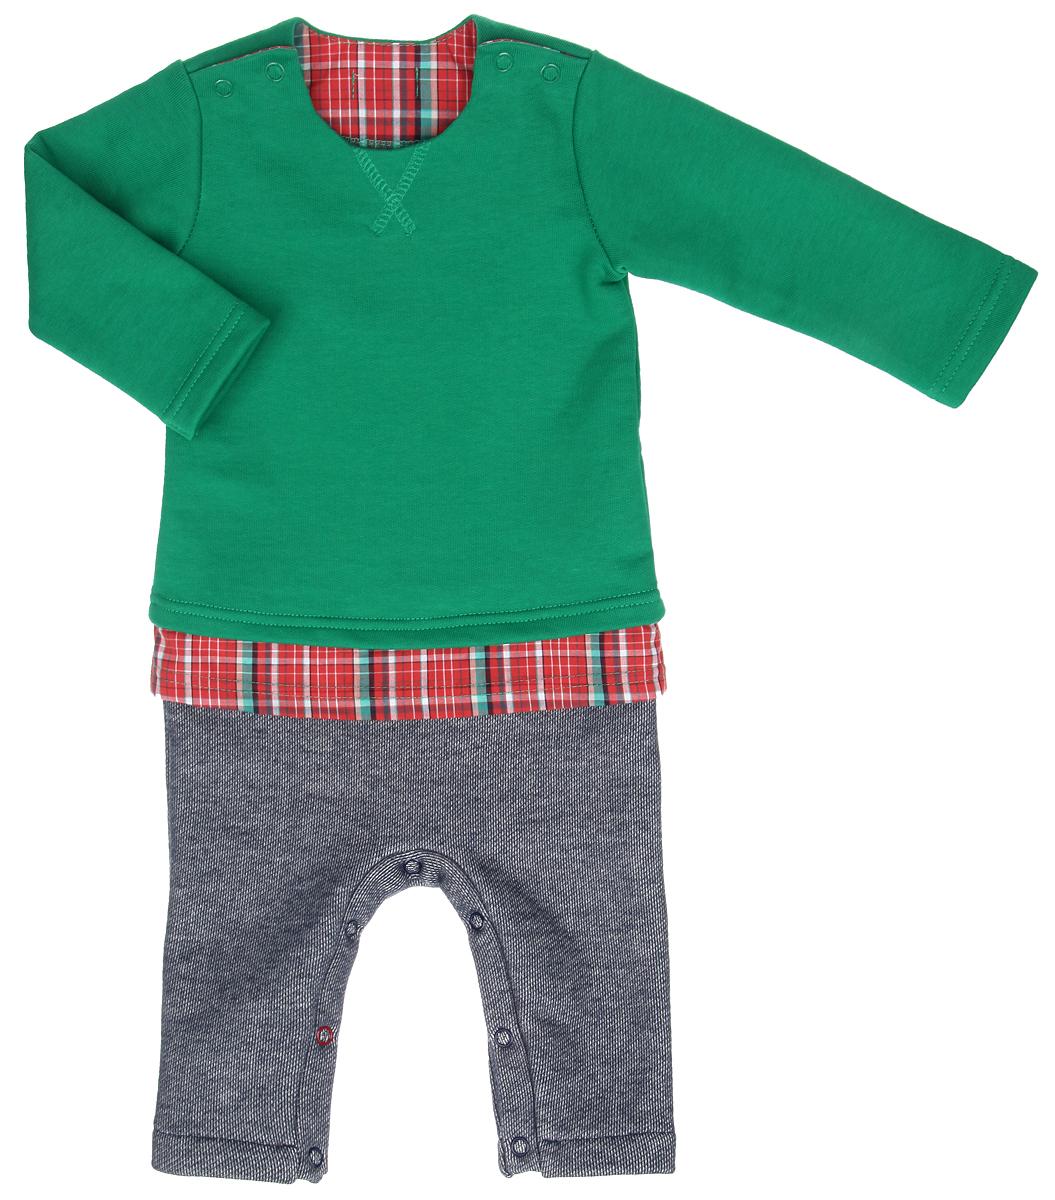 Комбинезон домашний22-434Комбинезон для мальчика Ёмаё, имитирующий комплект из яркого джемпера, клетчатой рубашки и штанишек под джинсу, выполнен из хлопка с добавлением полиэстера. Комбинезон очень мягкий и приятный на ощупь, не раздражает нежную и чувствительную кожу ребенка. Лицевая сторона изделия гладкая, изнаночная с небольшими петельками, благодаря чему комбинезон удивительно комфортный и теплый. Модель с круглым вырезом горловины, длинными рукавами и открытыми ножками имеет застежки-кнопки по плечевым швам и на ластовице, что позволяет с легкостью переодеть малыша или сменить подгузник. Спереди изделие украшено фигурной прострочкой. Такой комбинезон станет стильным дополнением к гардеробу вашего ребенка, в нем крохе будет комфортно и уютно.